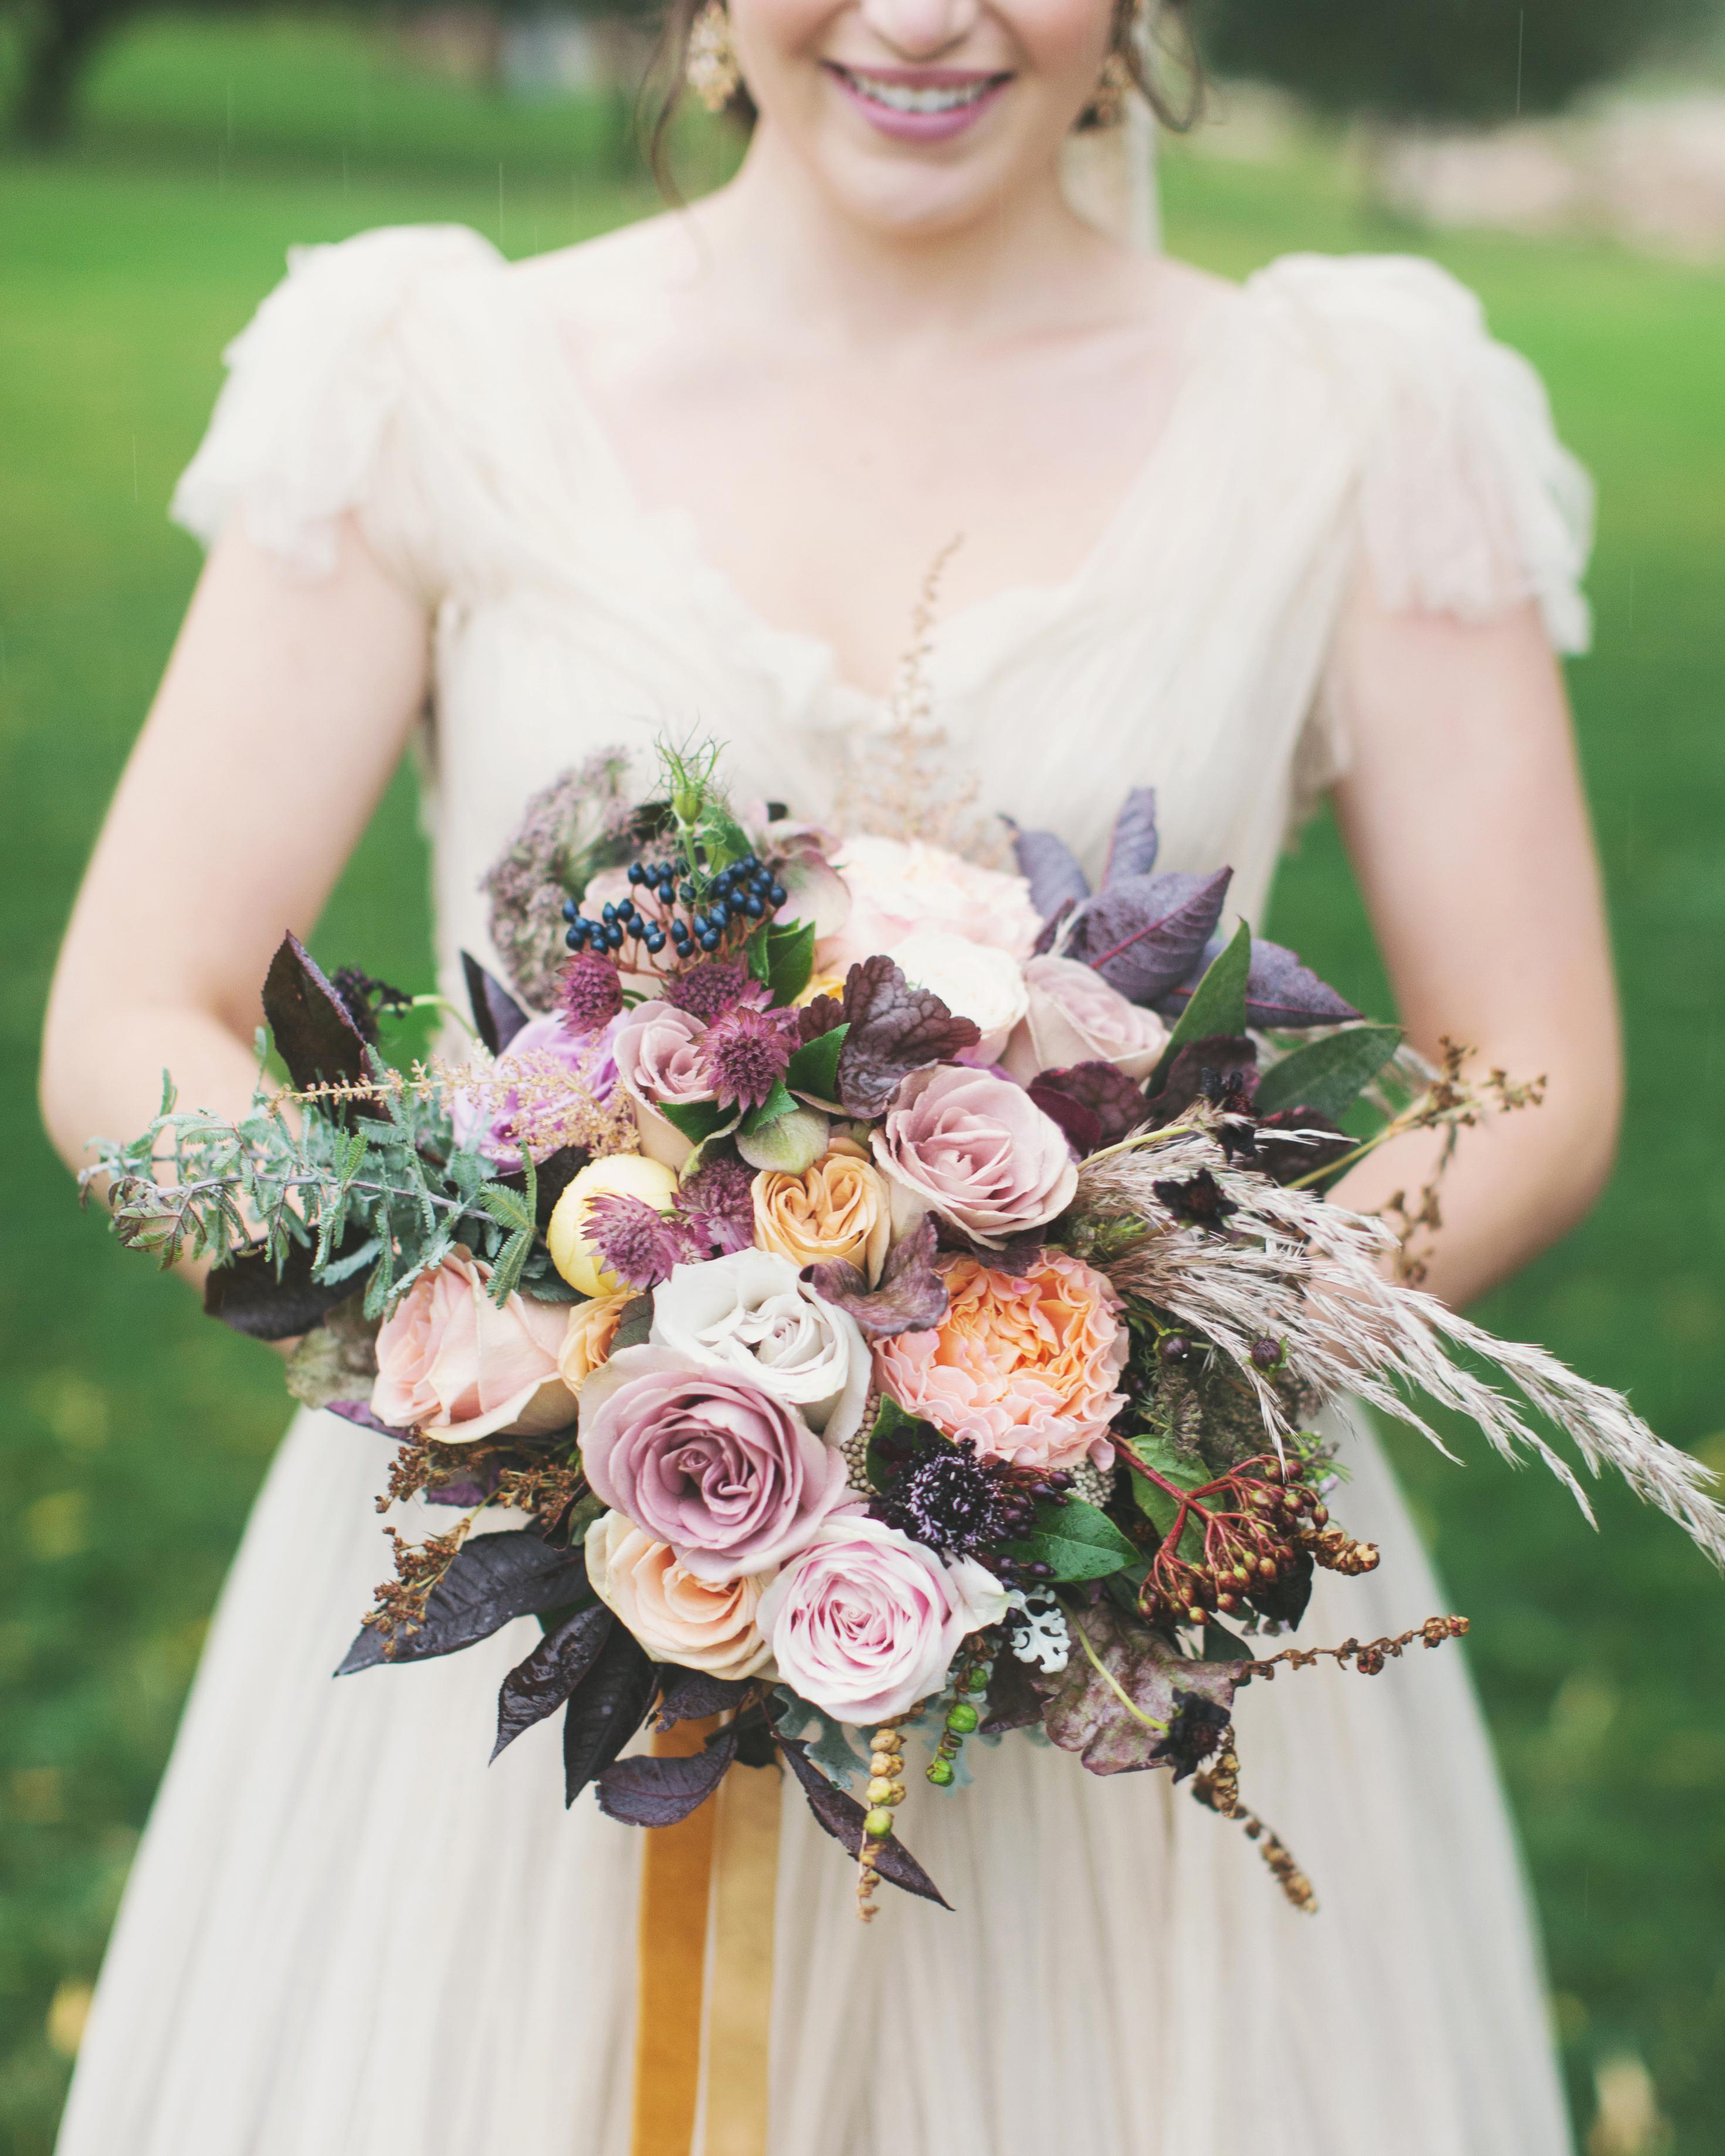 sara-matt-wedding-bouquet-2525-s111990-0715.jpg